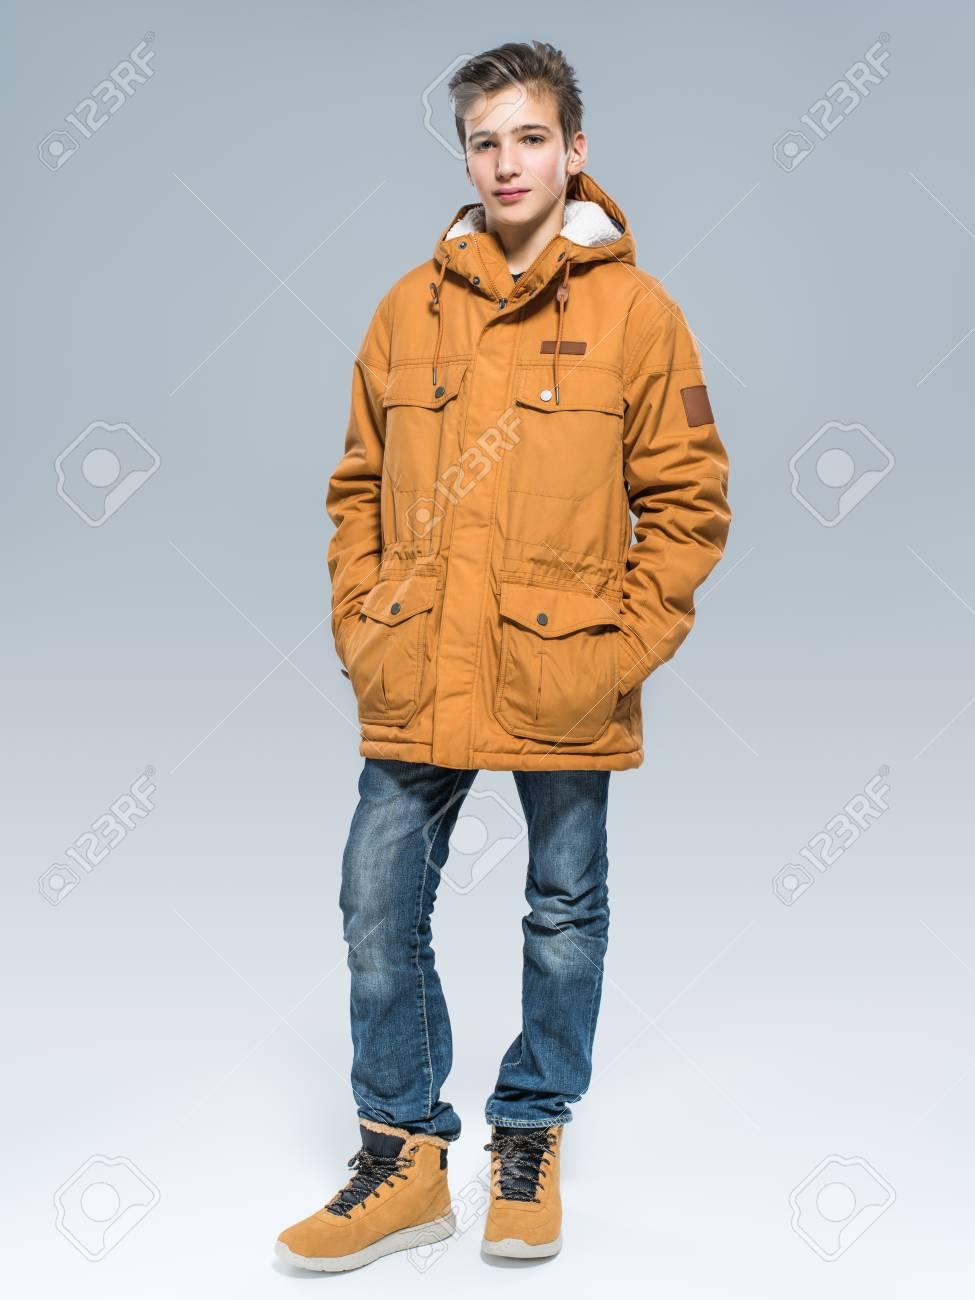 af65fe8fd5147 Adolescente en ropa de invierno - posando sobre fondo blanco. Chico joven  con chaqueta cálida